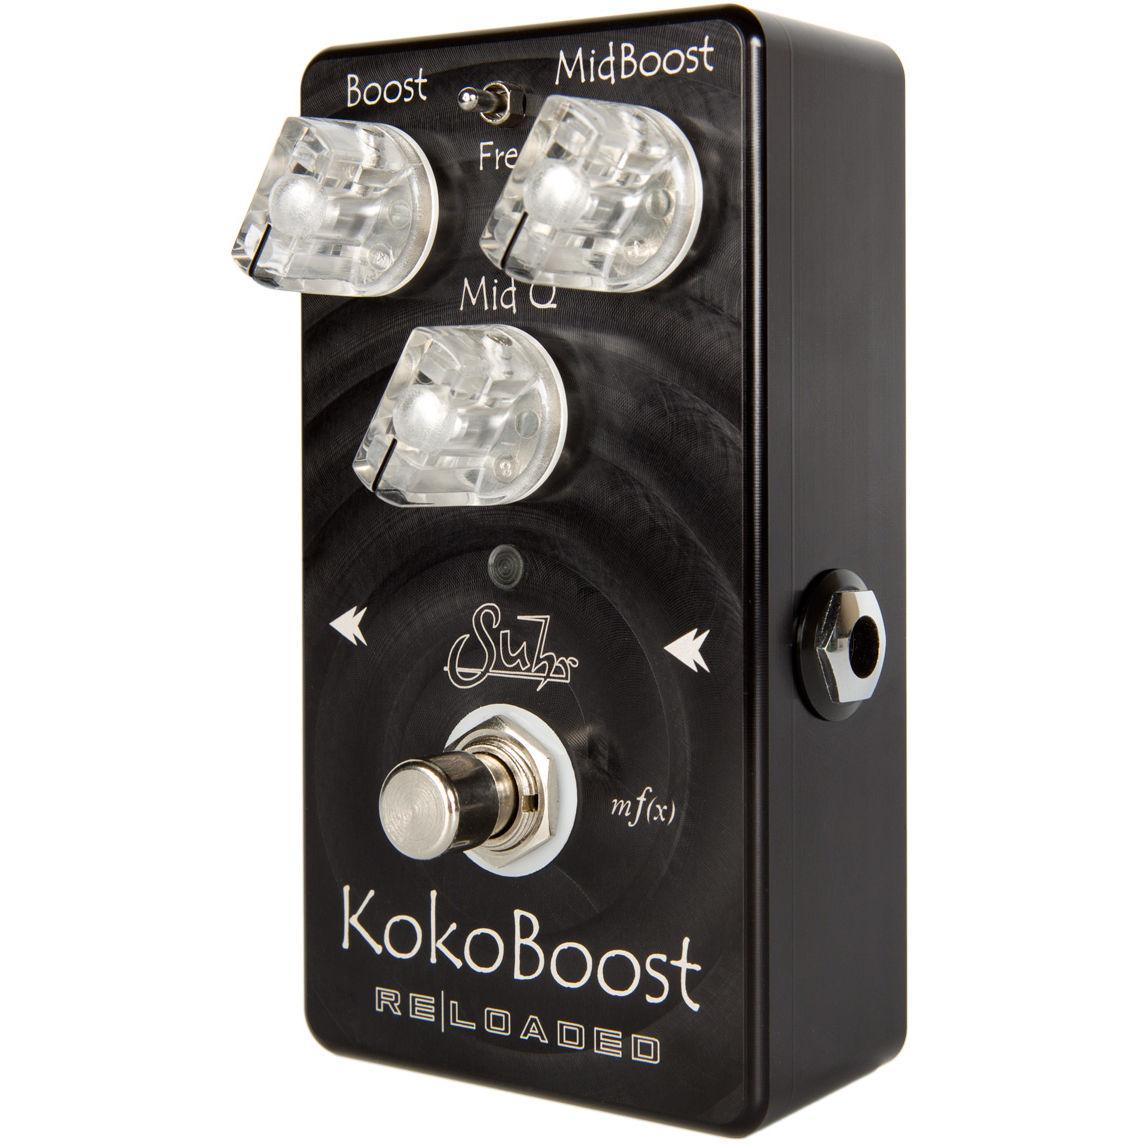 【レビューを書いて次回送料無料クーポンGET】Suhr Koko Boost Reloaded エフェクター ココブースト [直輸入品][並行輸入品]【ブースター】【新品】